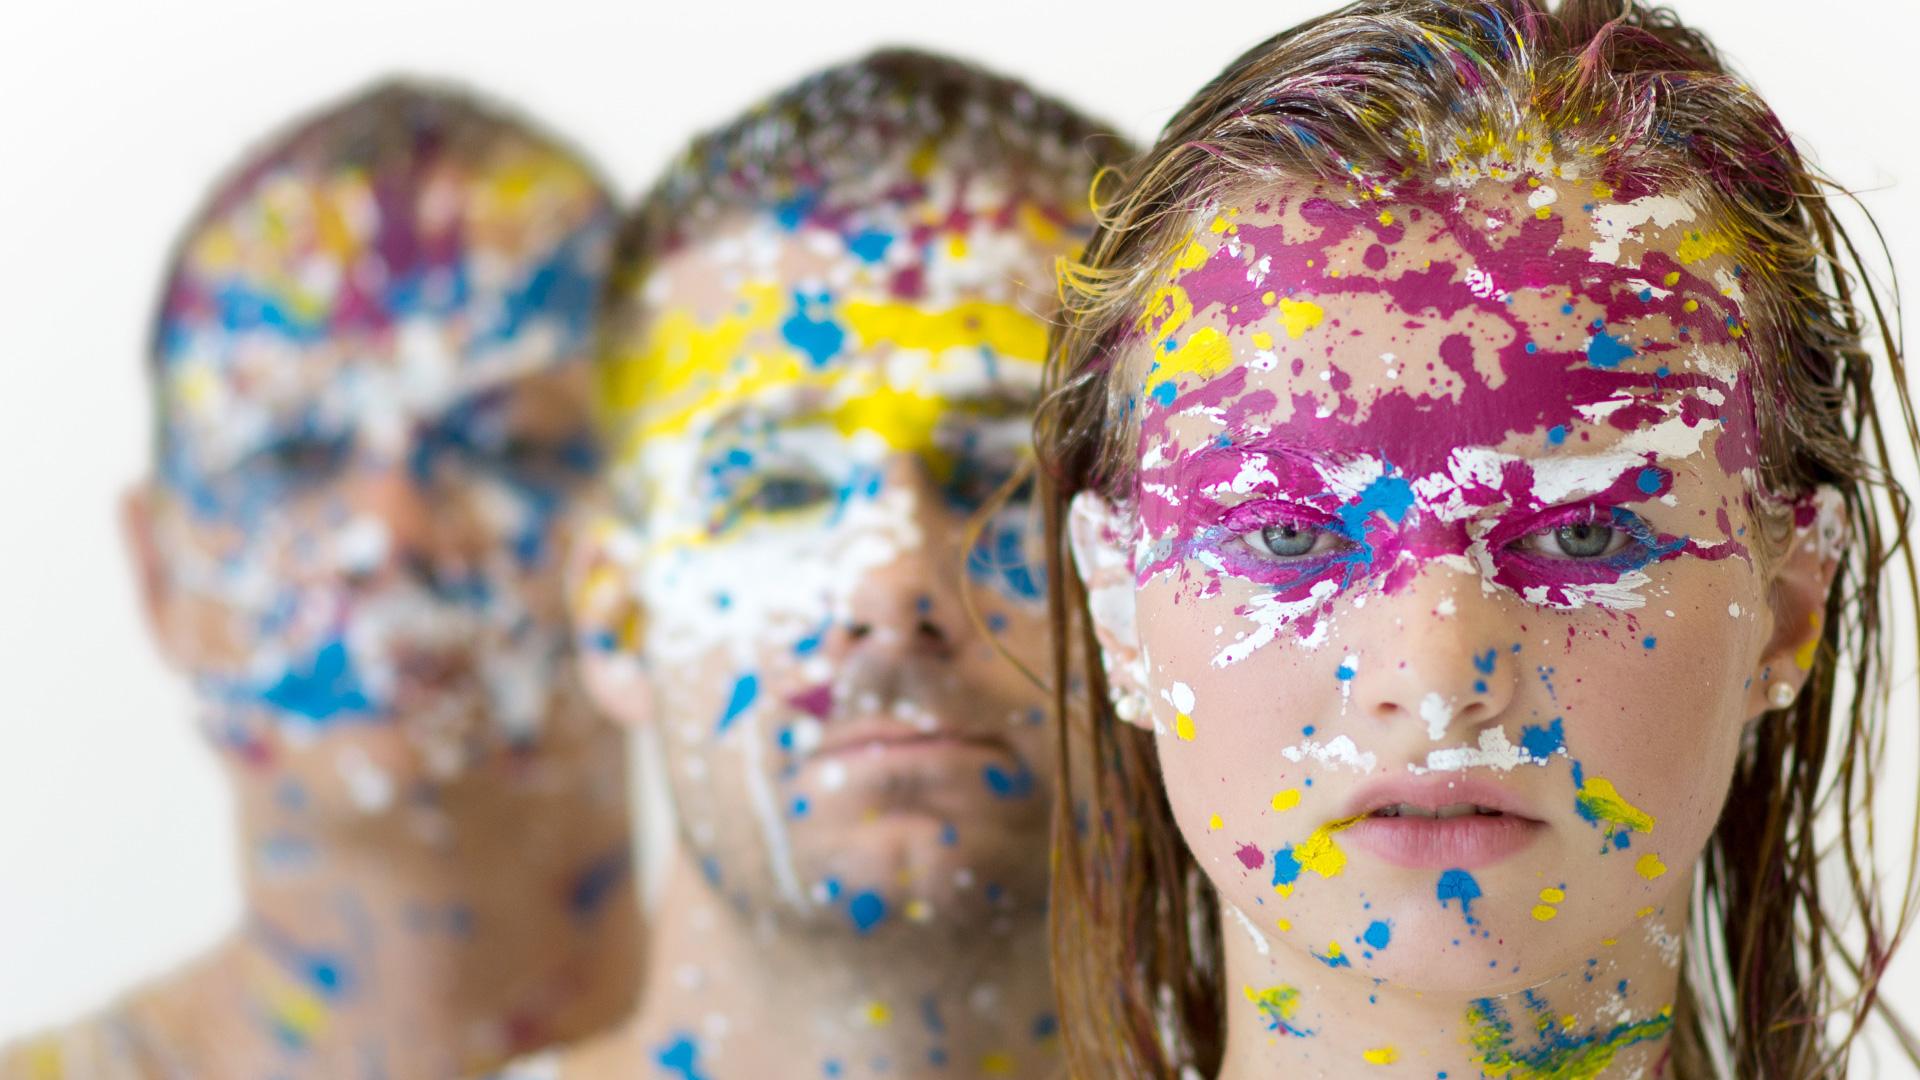 WANDDRUCK.com – Le pionnier de l'impression murale